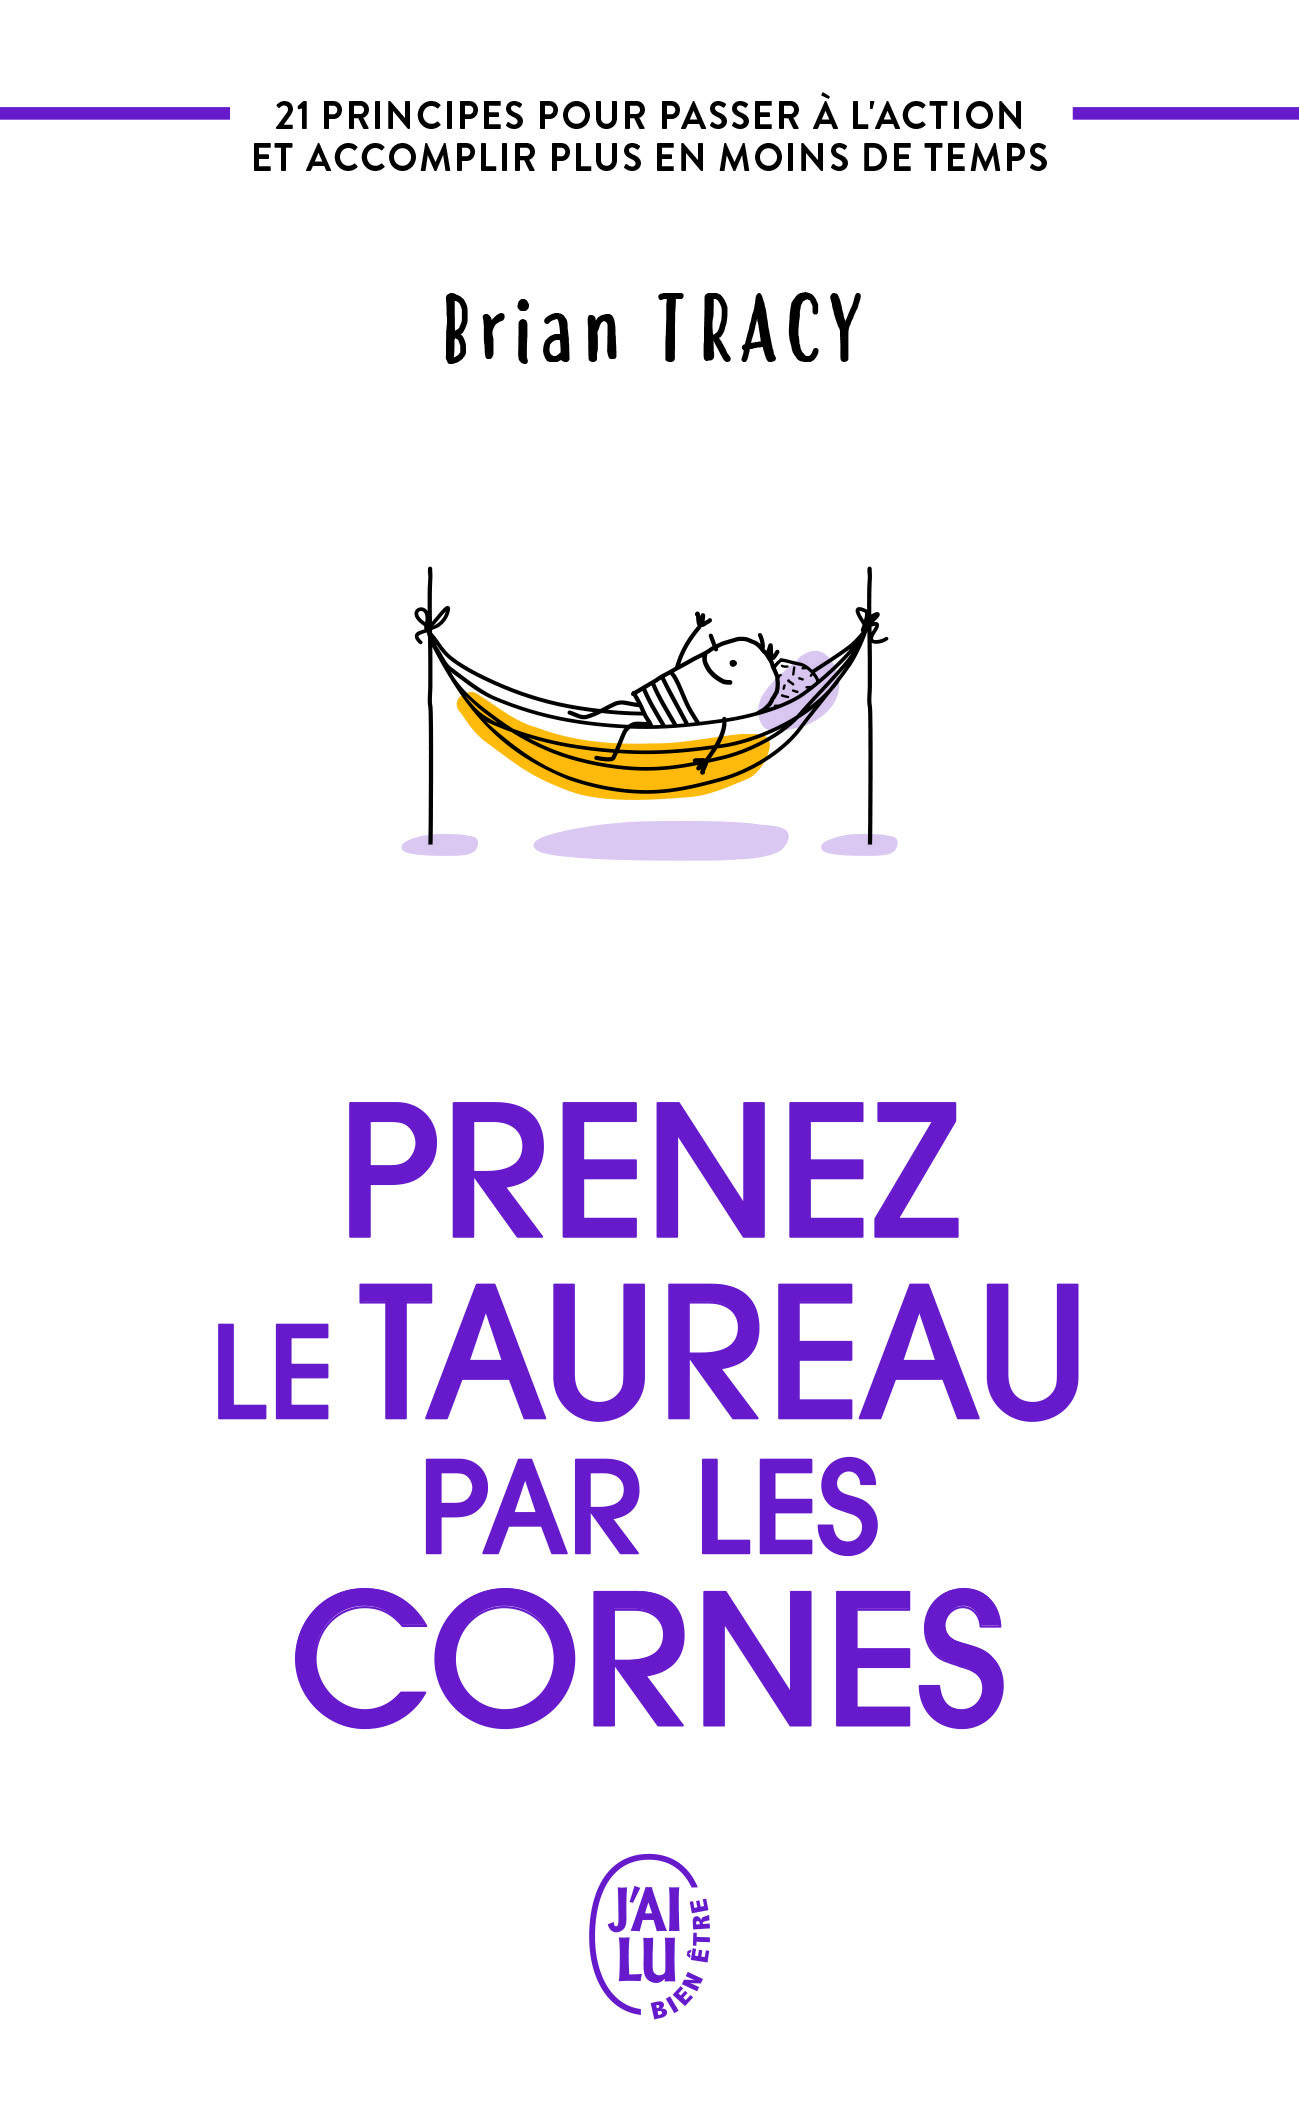 PRENEZ LE TAUREAU PAR LES CORNES - 21 PRINCIPES POUR PASSER A L'ACTION ET ACCOMPLIR PLUS EN MOINS DE